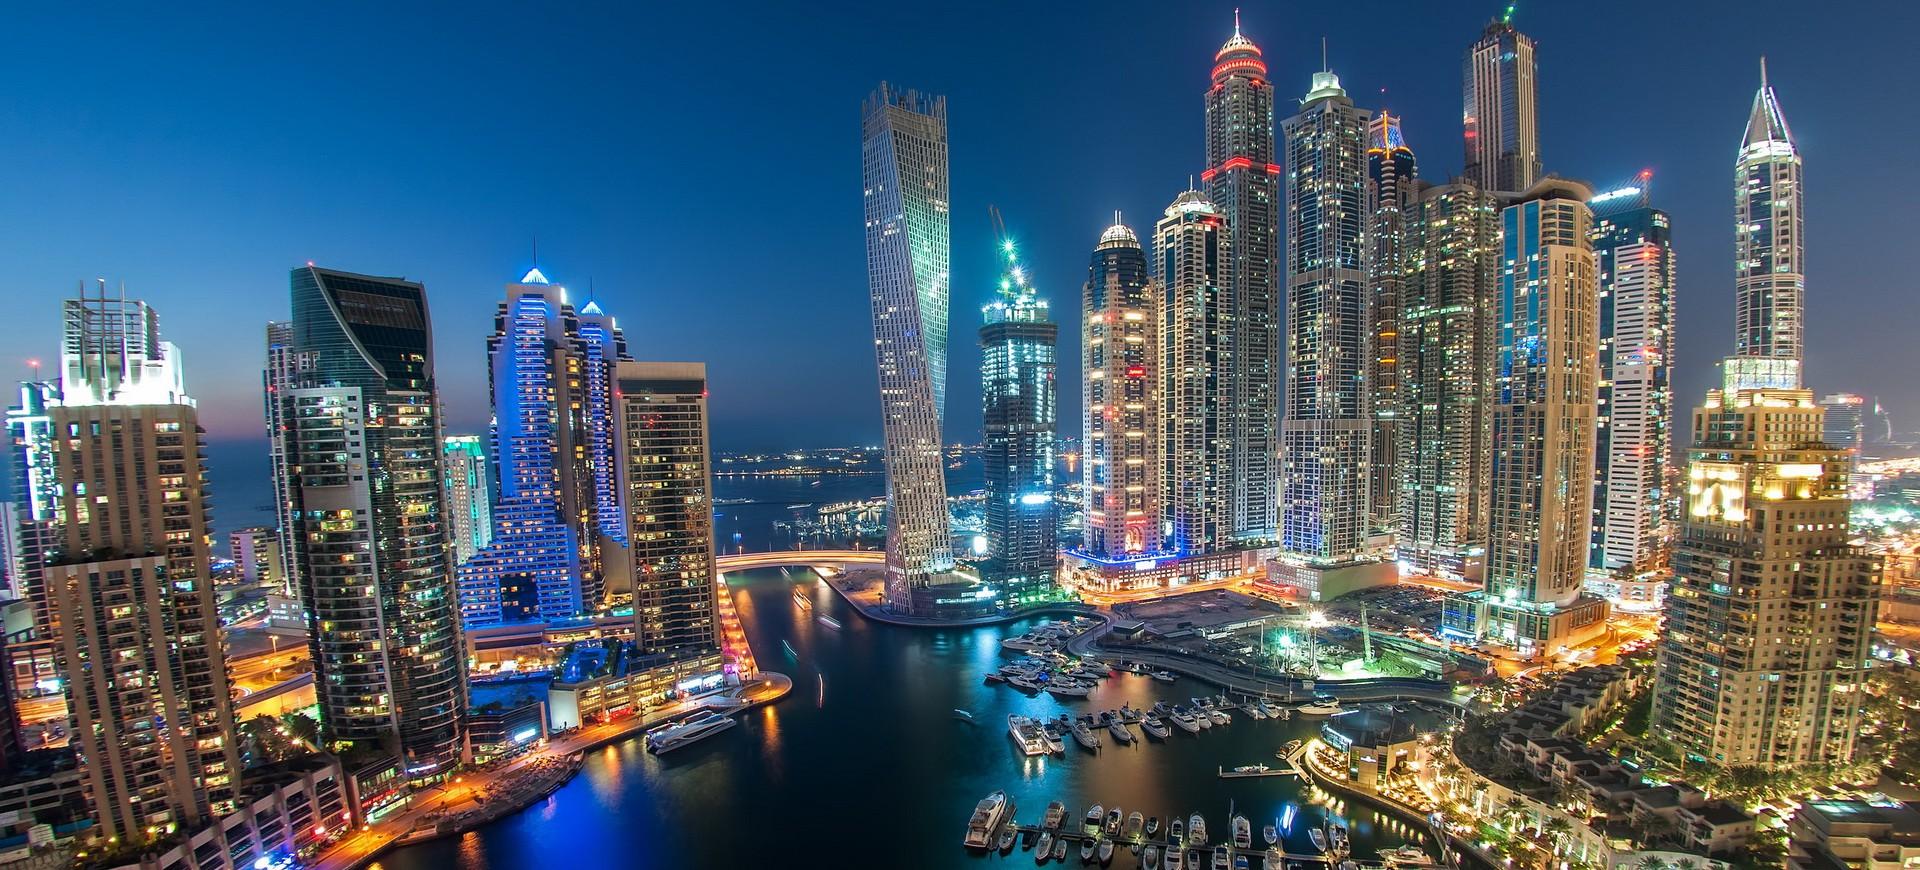 Skyline et Marina à Dubai by night aux Emirats Arabes Unis